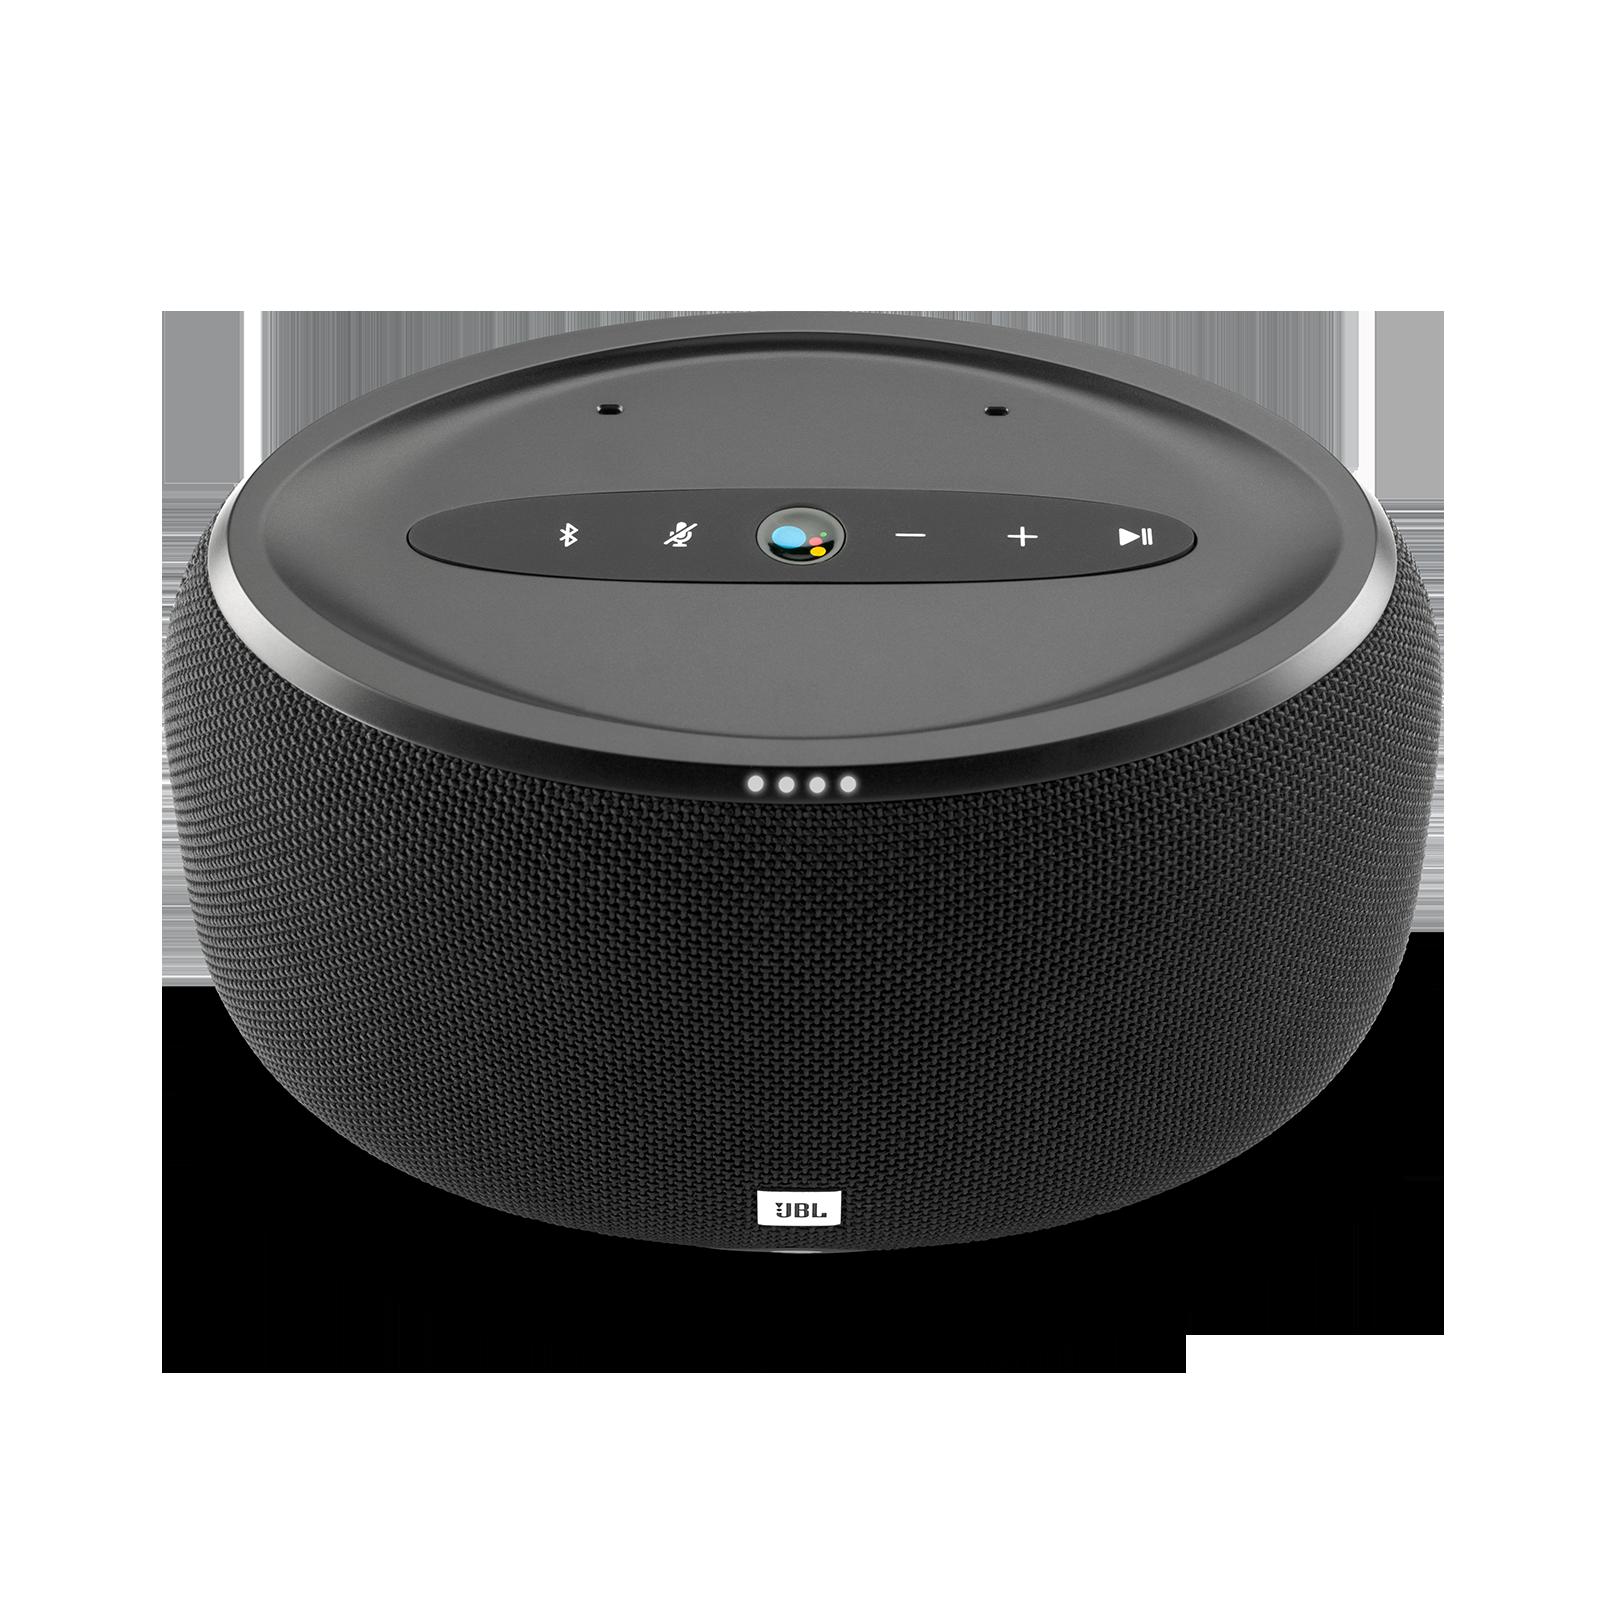 JBL Link 300 - Black - Voice-activated speaker - Detailshot 1